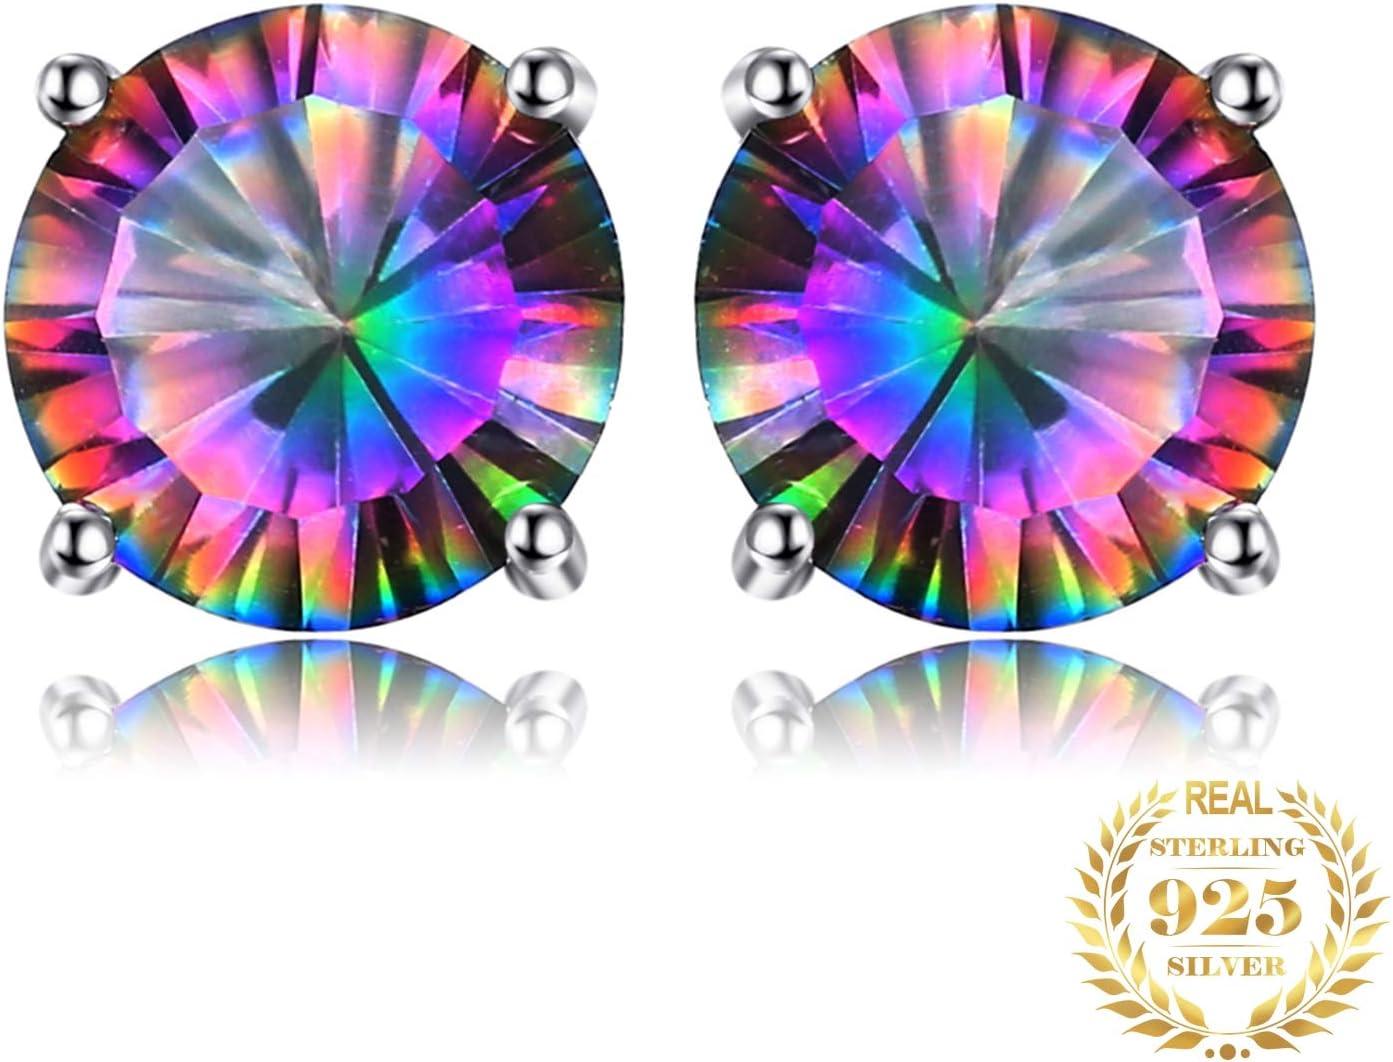 NOBRAND Aretes De Plata Mujer Topacio Stud Pendientes 925 Pendientes De Plata para Mujer Pendientes De Piedras Preciosas Joyería De Moda